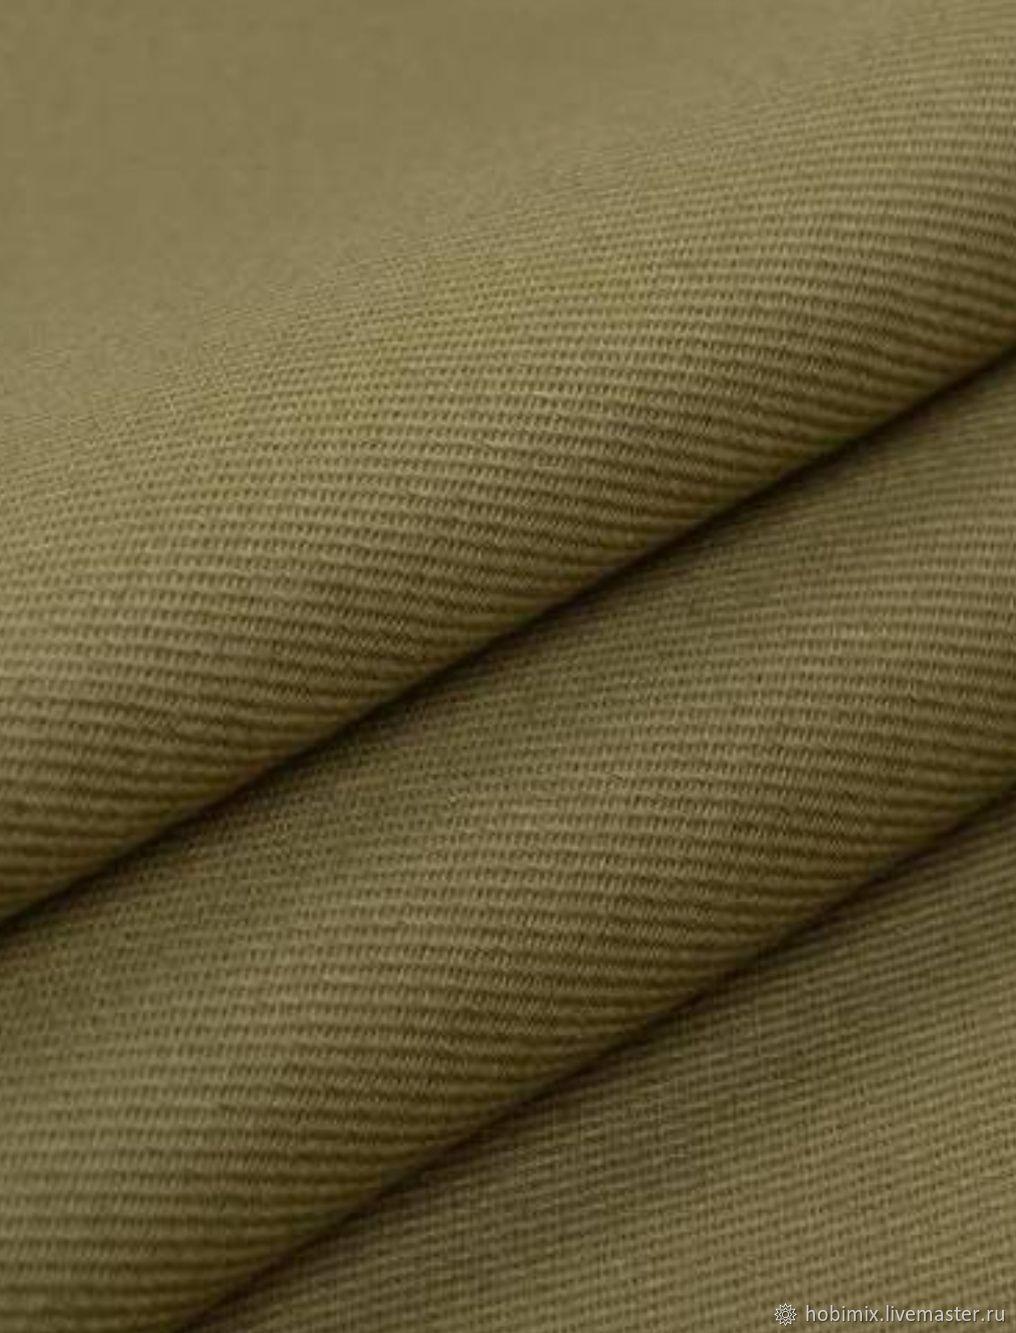 Тольятти ткань купить вискозная подкладочная ткань купить интернет магазин